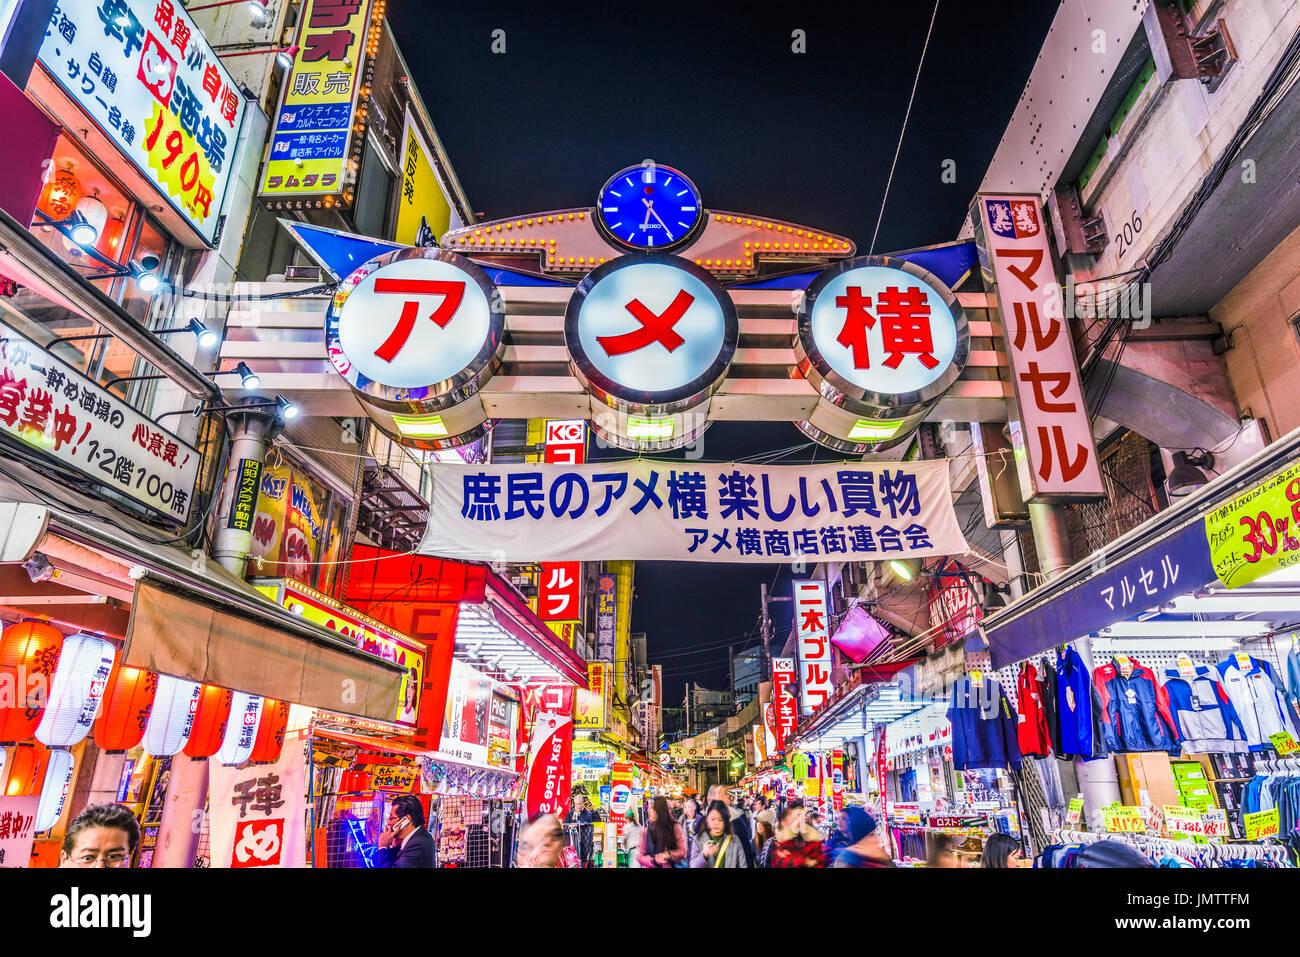 TOKYO, JAPON - 28 décembre 2015: la foule à Ameyoko quartier commercial de Tokyo. La rue était l'emplacement d'un marché noir dans les années qui ont suivi la Photo Stock